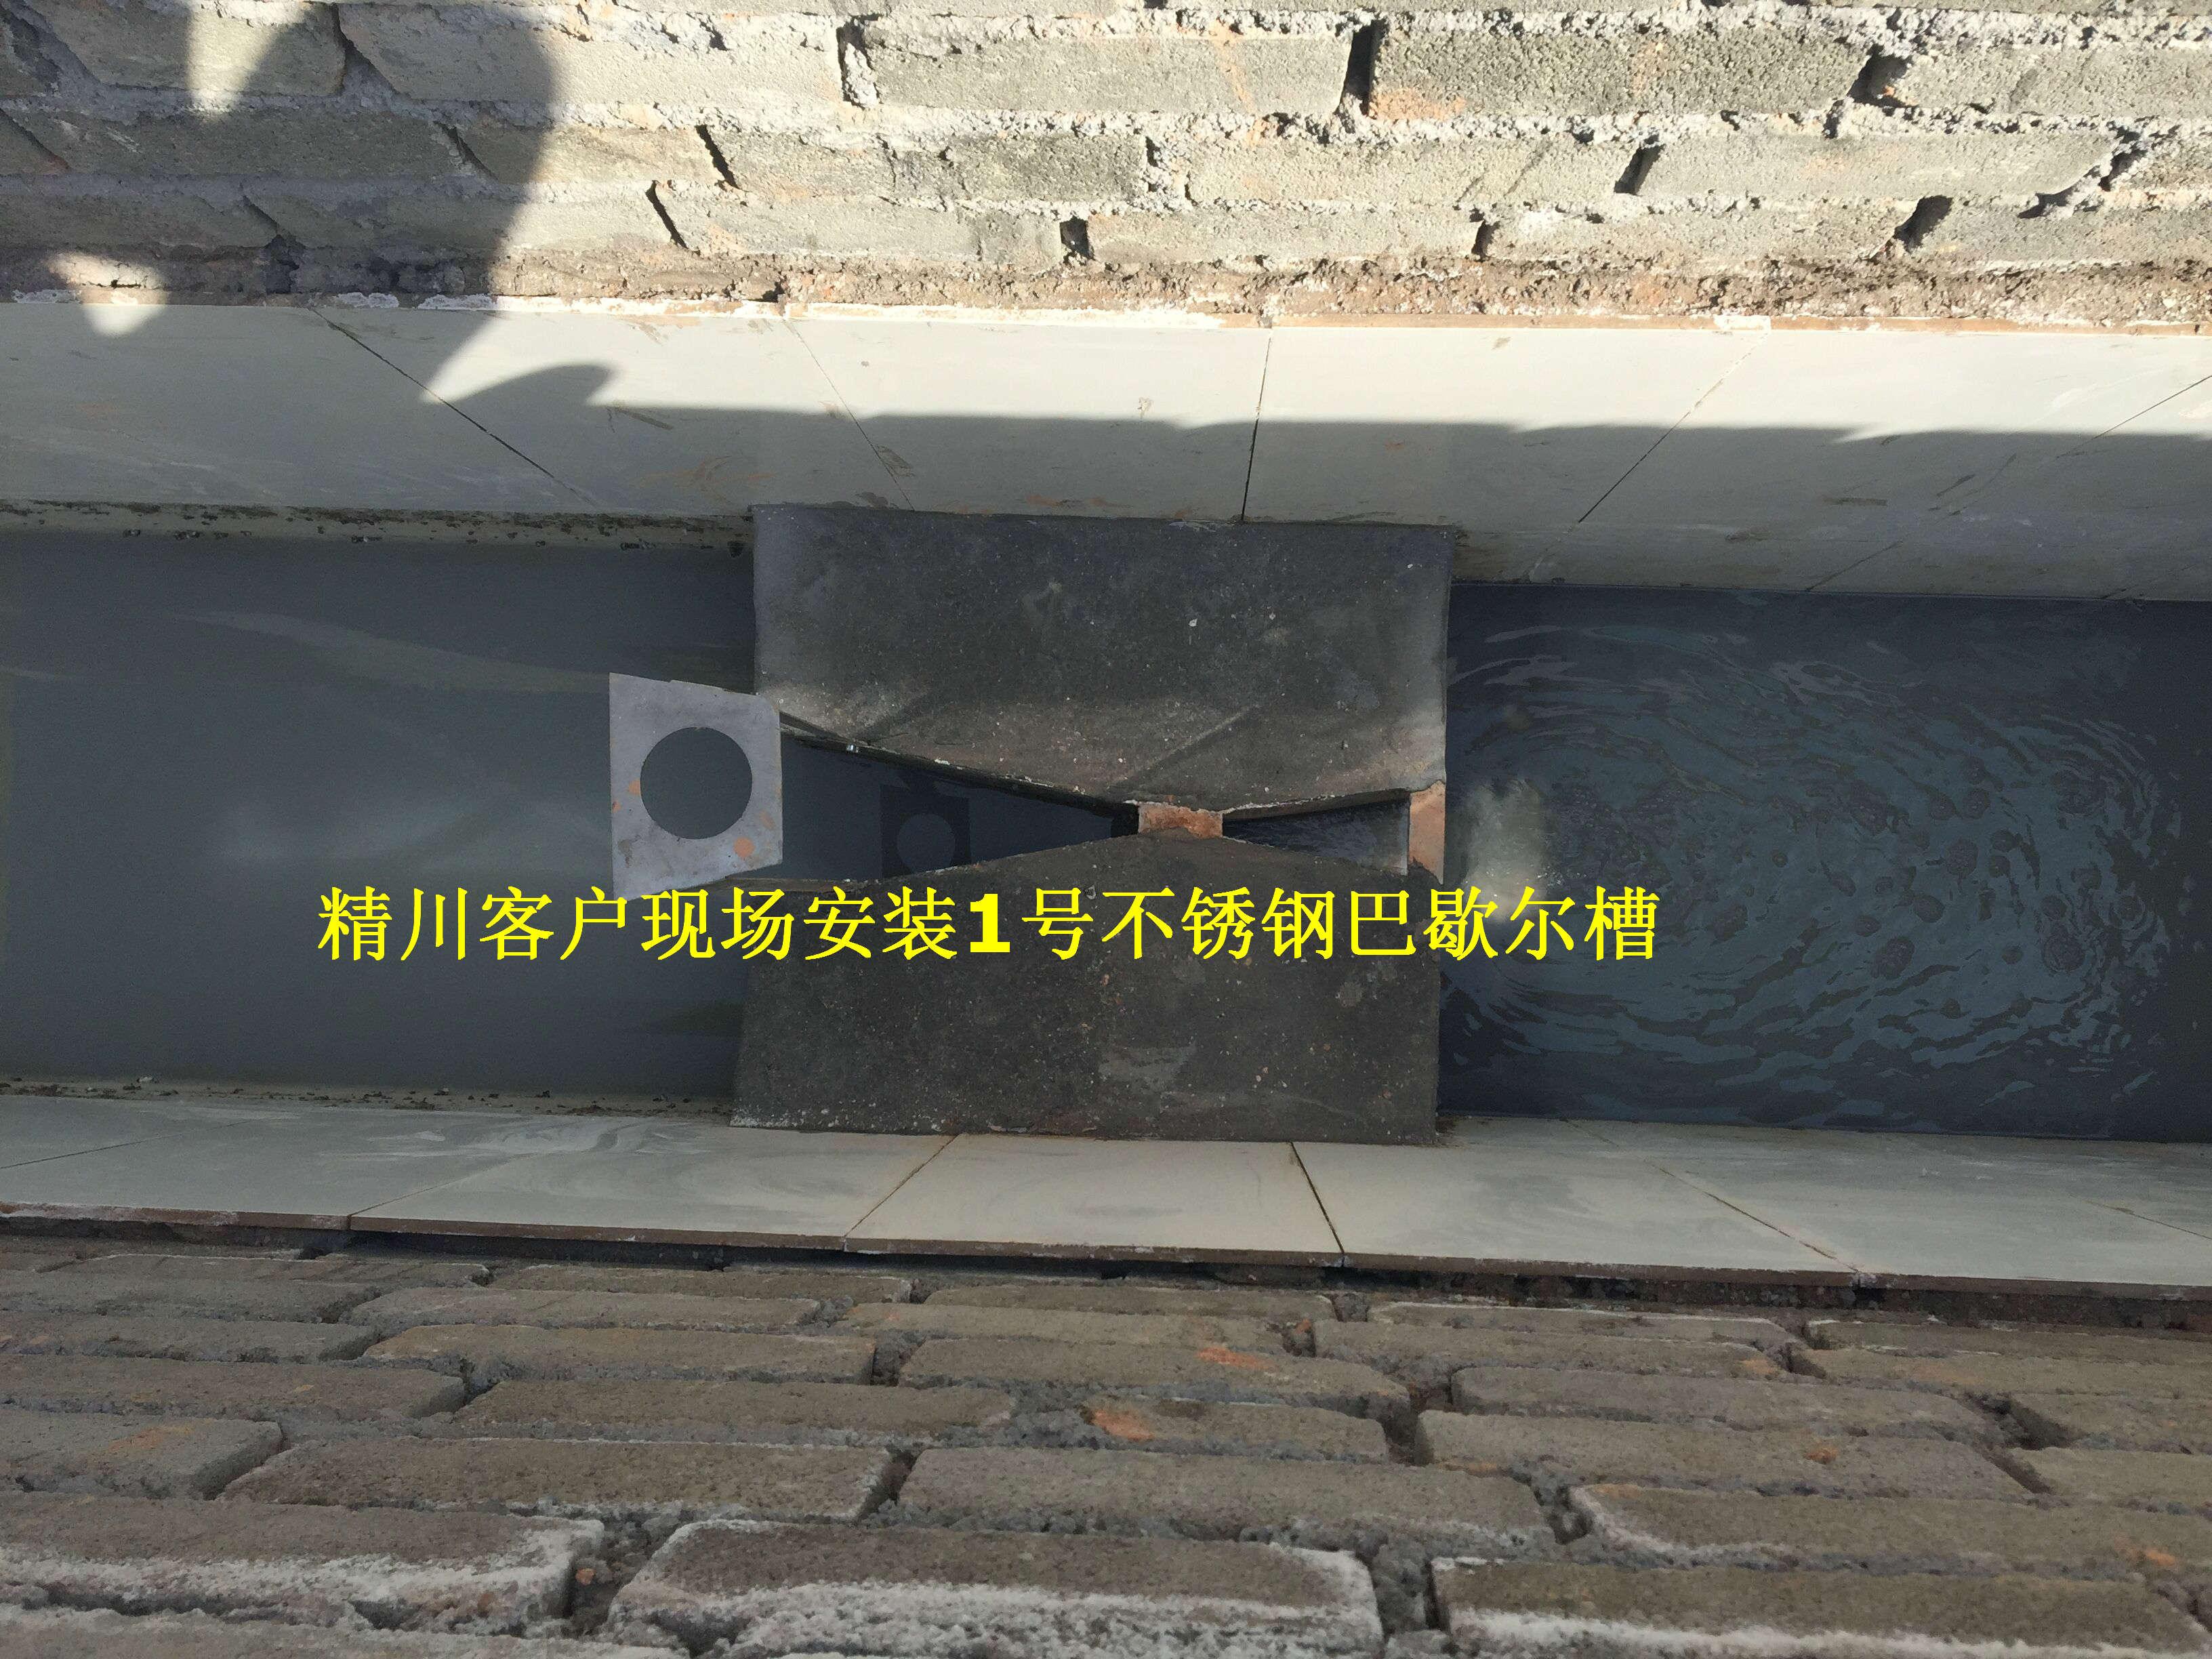 出水口污水在线监测流量计